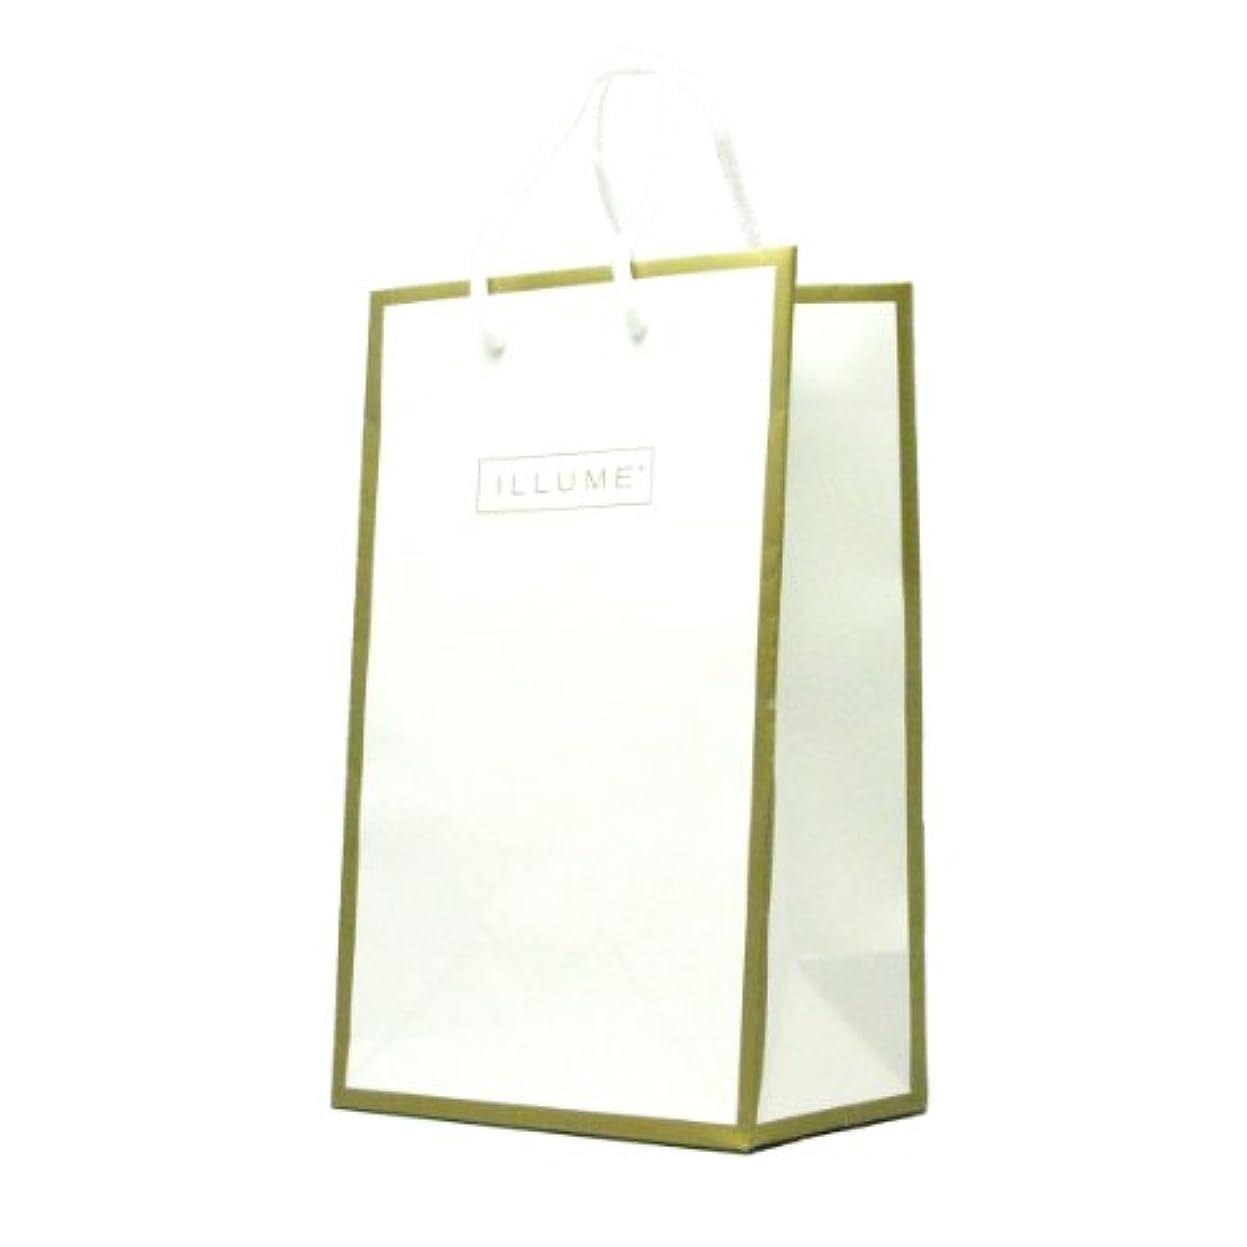 の中でエキサイティング地味なイリューム(ILLUME) ギフトバッグ(Gift Bag) (ILLUMEギフトバッグ)